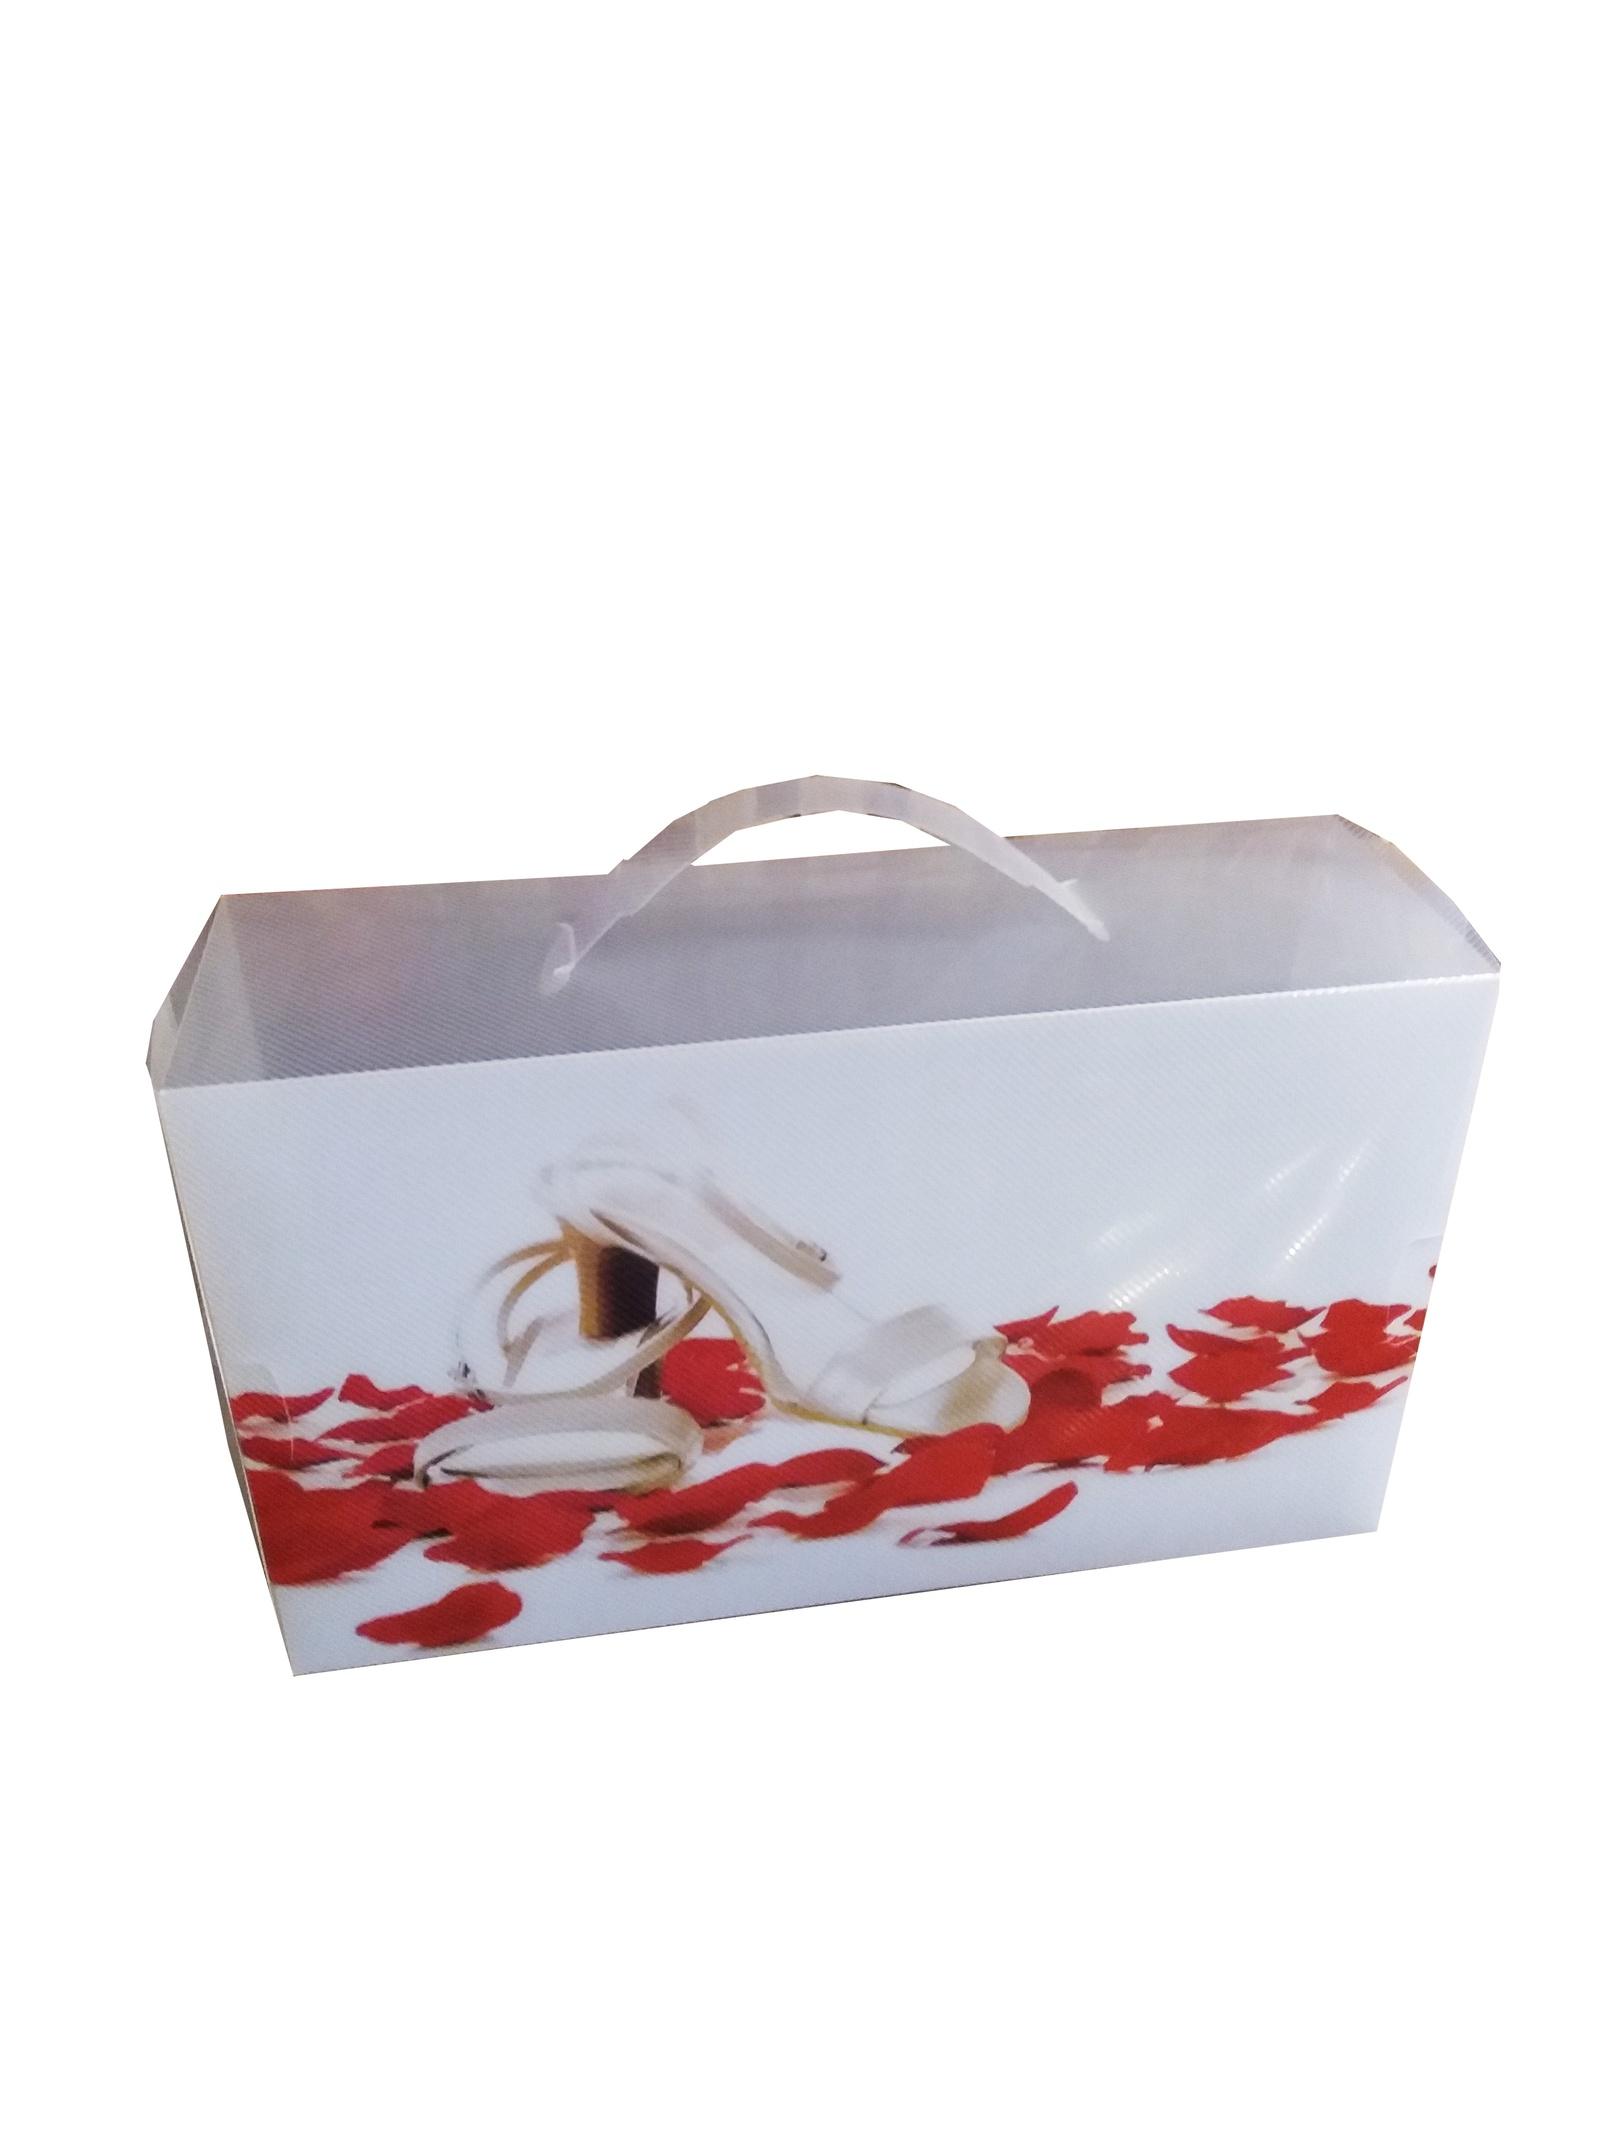 Кофр для хранения вещей Камея Туфелька-2, box3, прозрачныйbox3Коробка с ручкой для женской обуви с принтом, пластик, 31*18*10 см. Поставляется в сложенном виде.